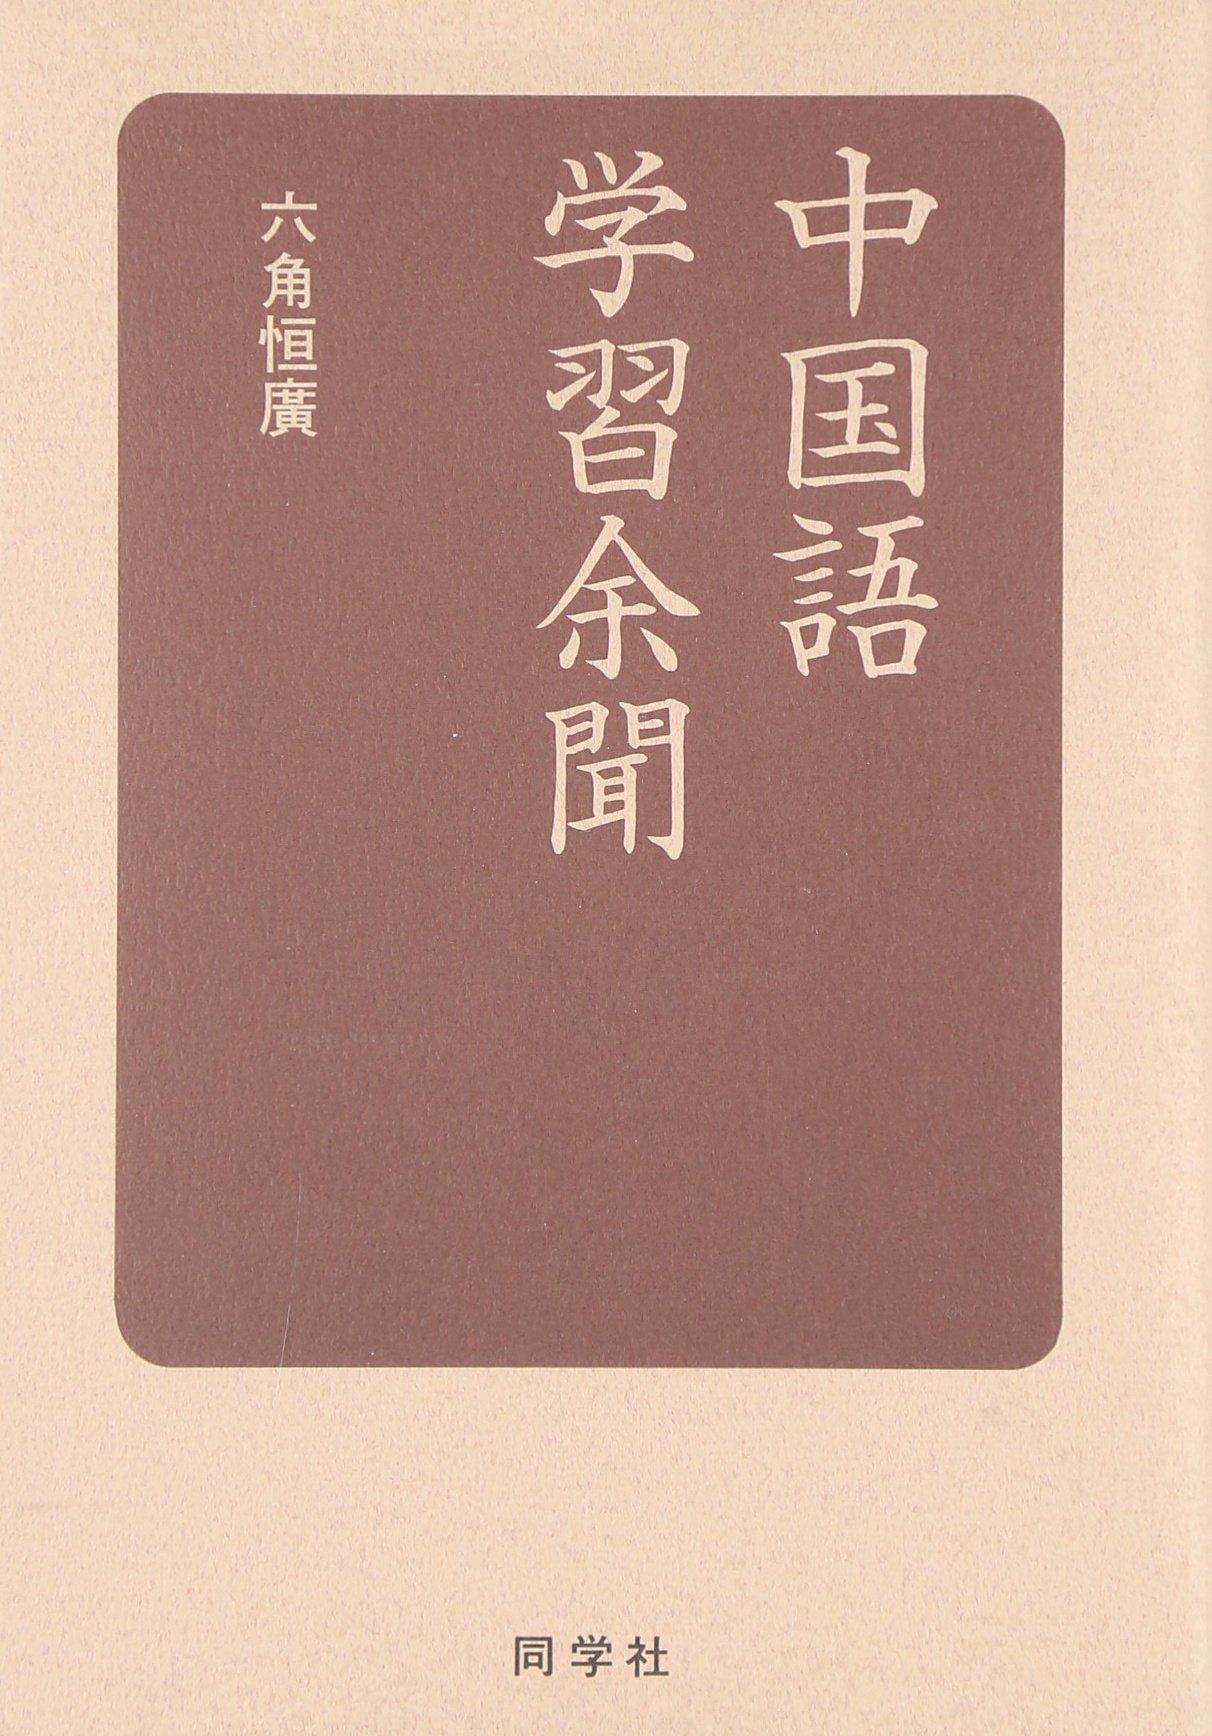 中国語学習余聞 | 六角 恒広 |本 | 通販 | Amazon